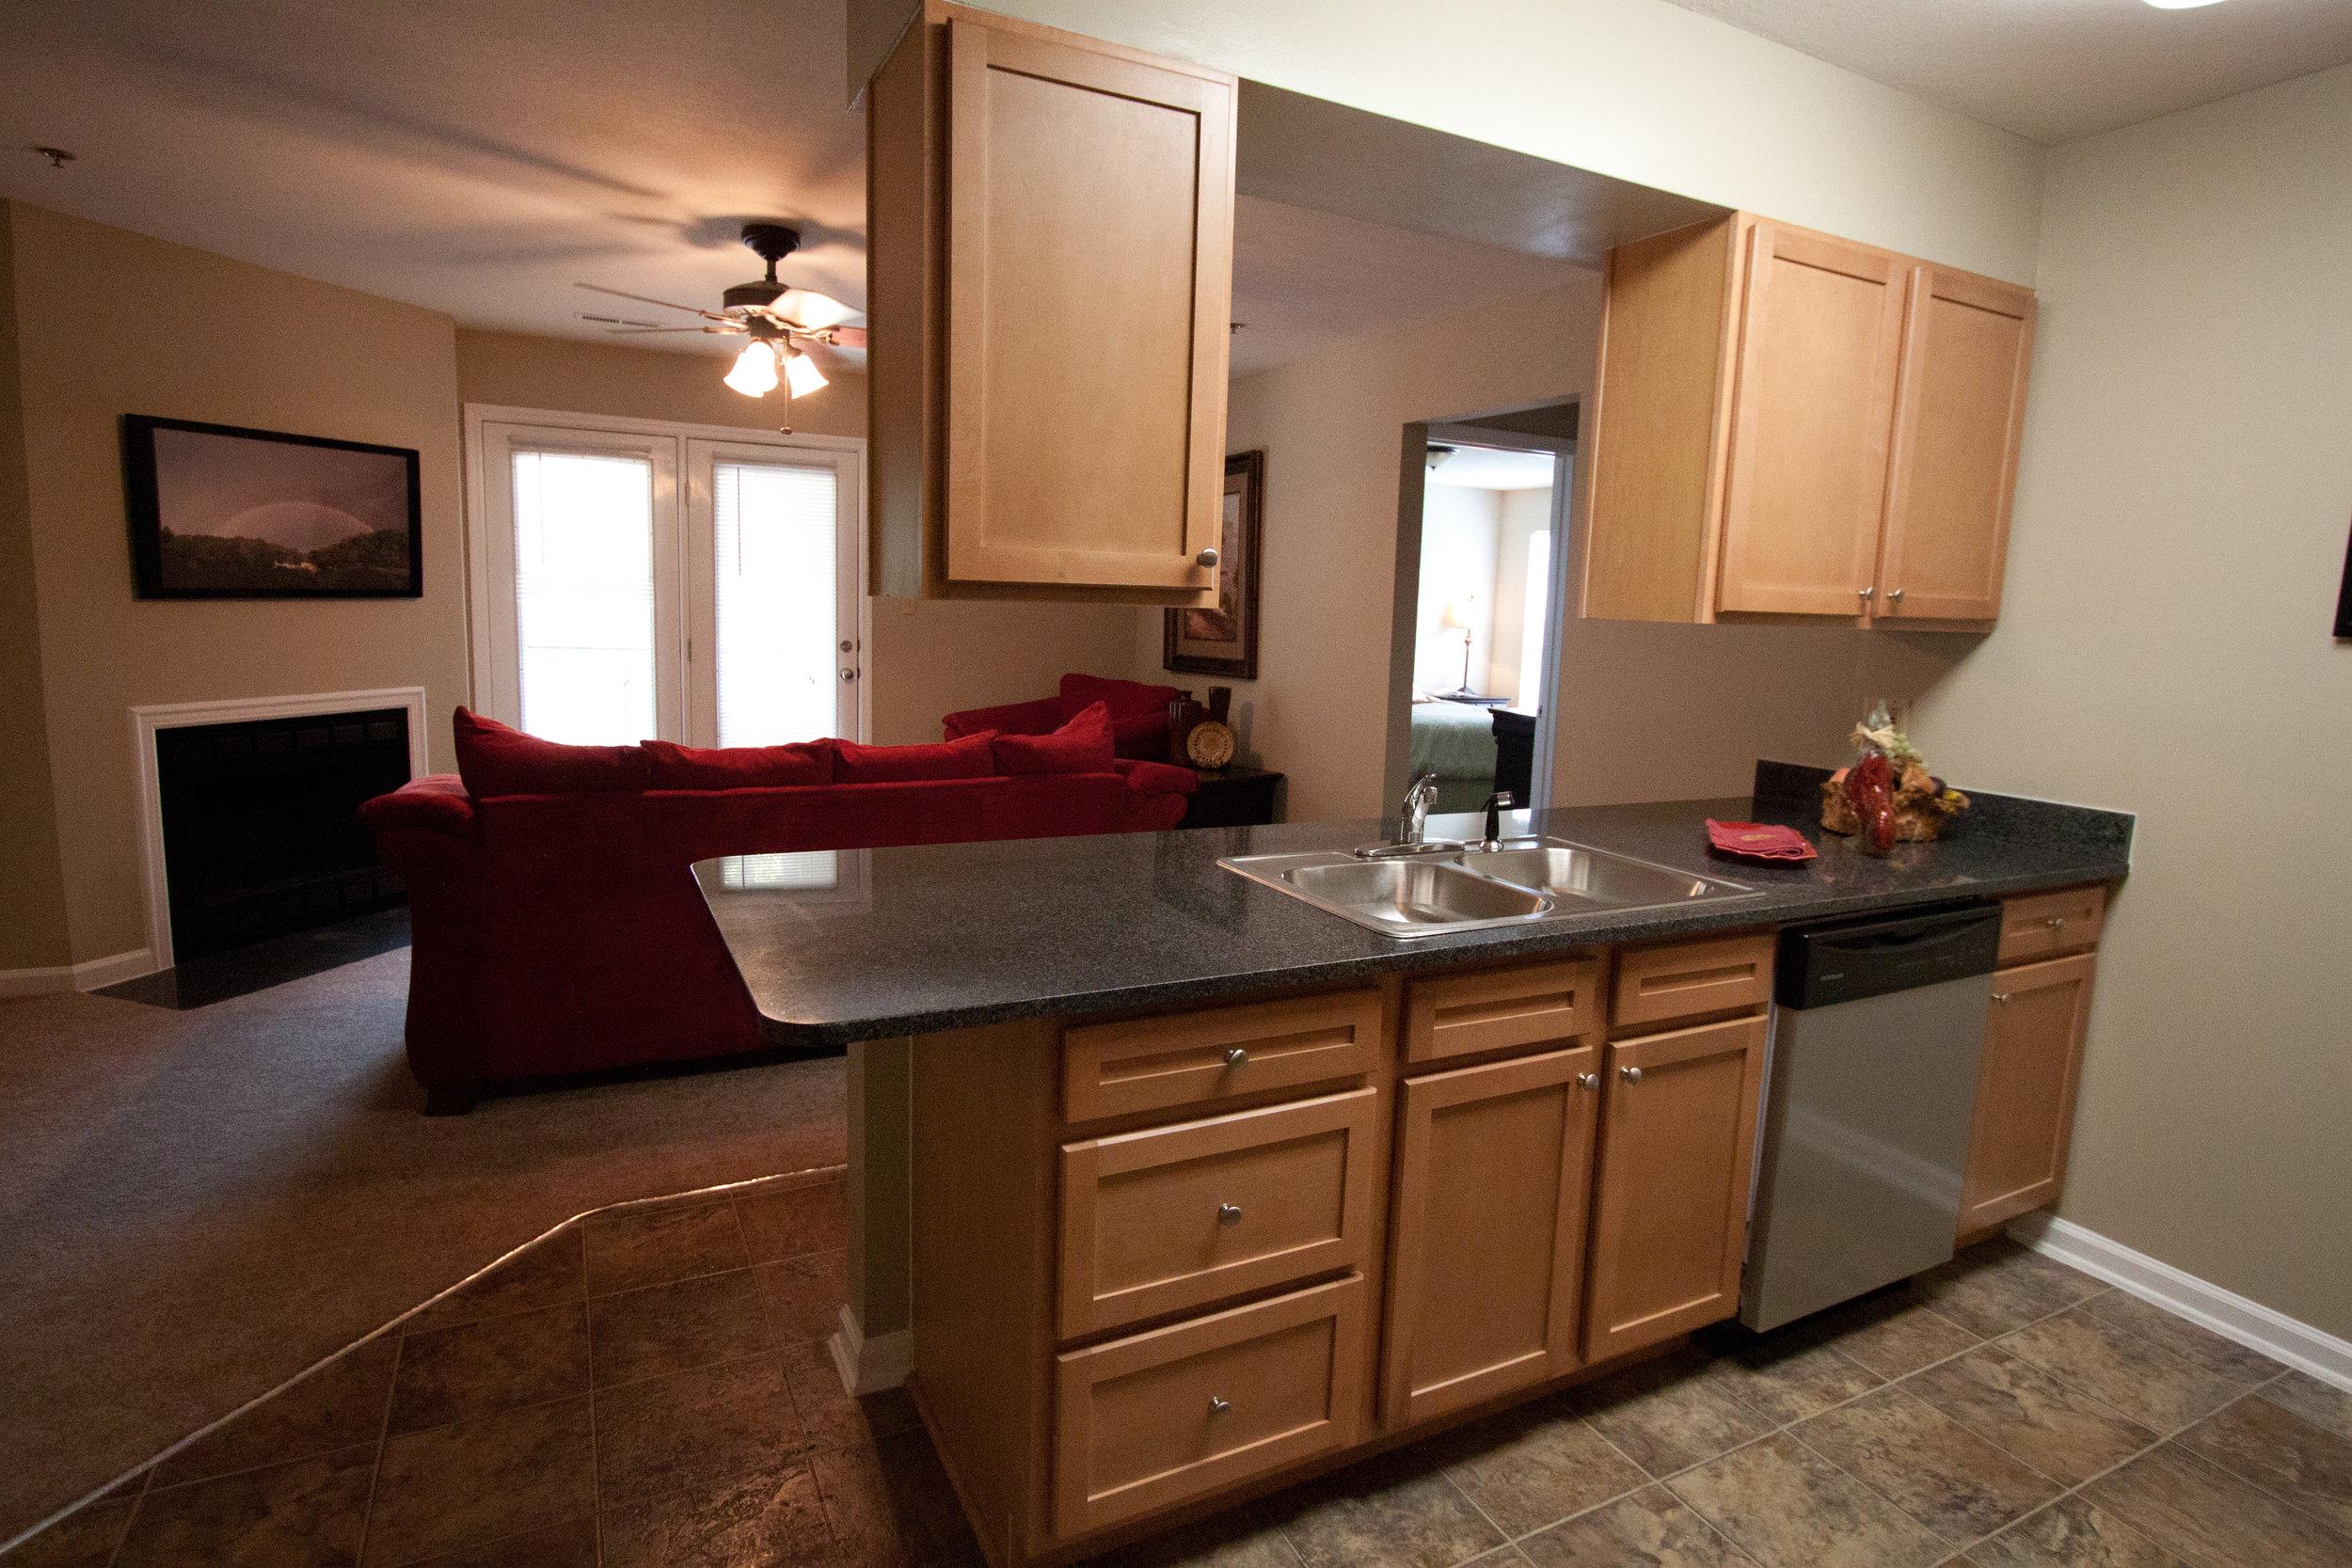 Burwell kitchen.jpg